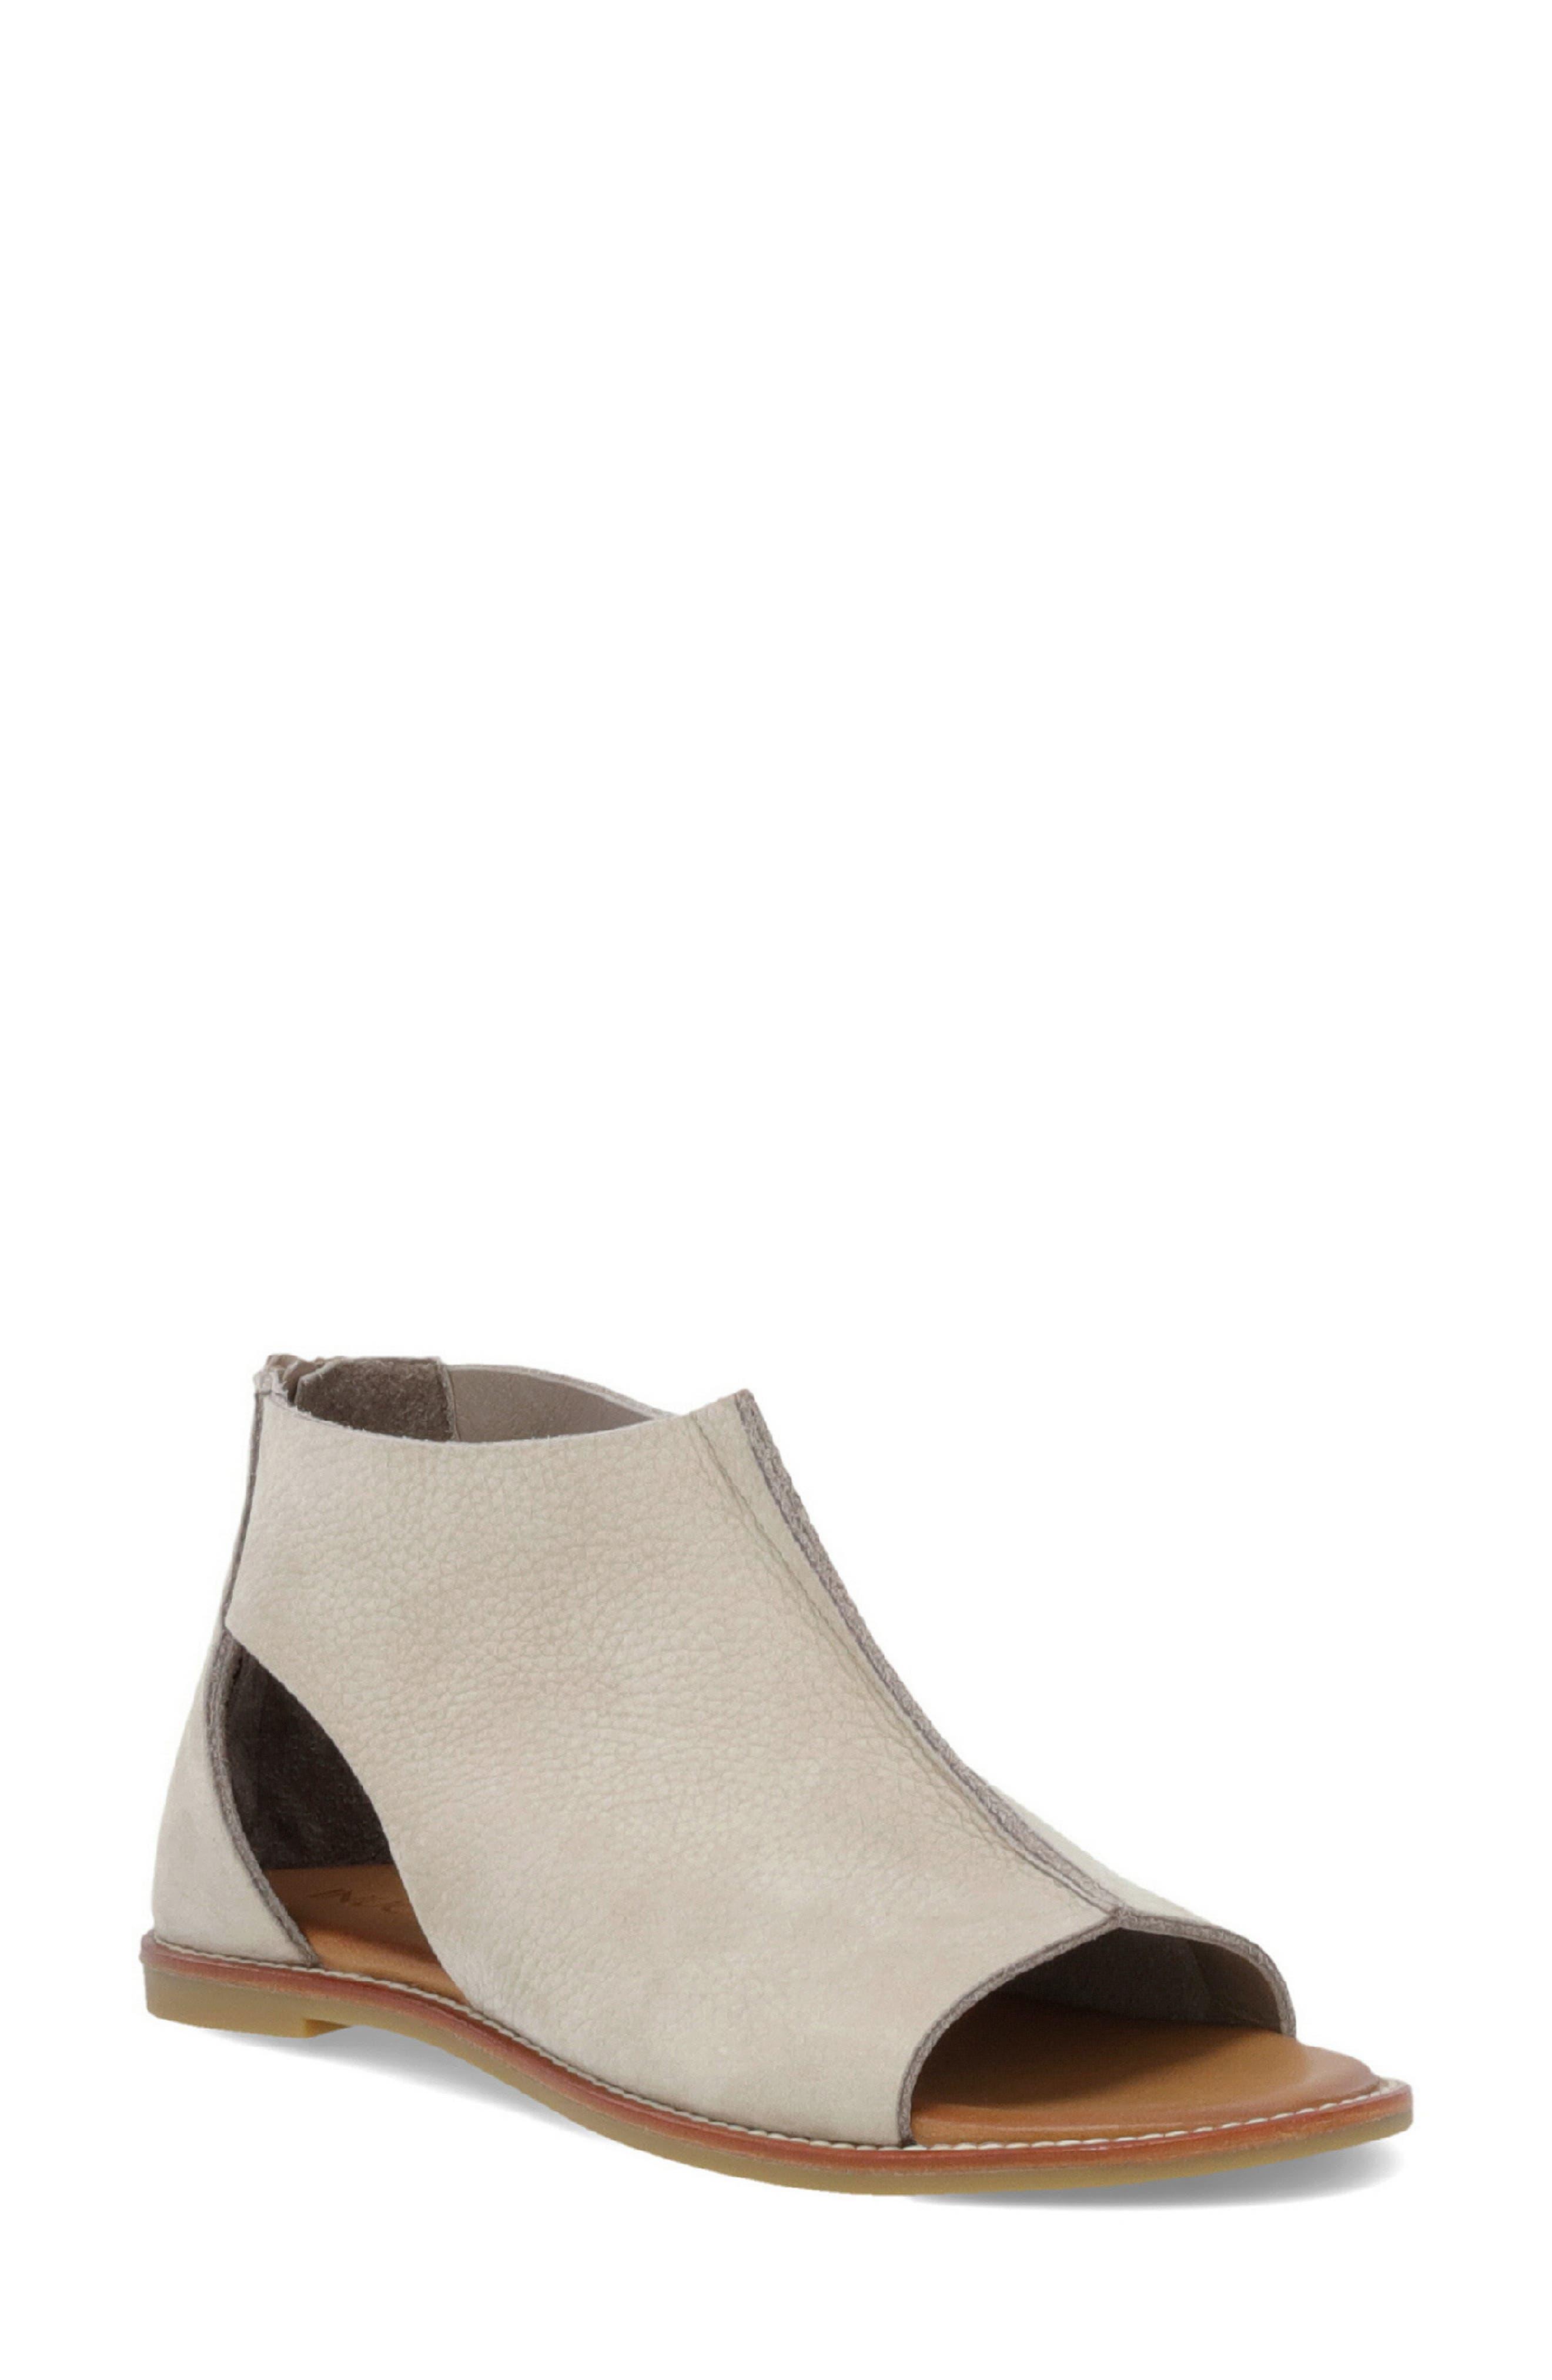 Inuovo Ferna Cutout Sandal